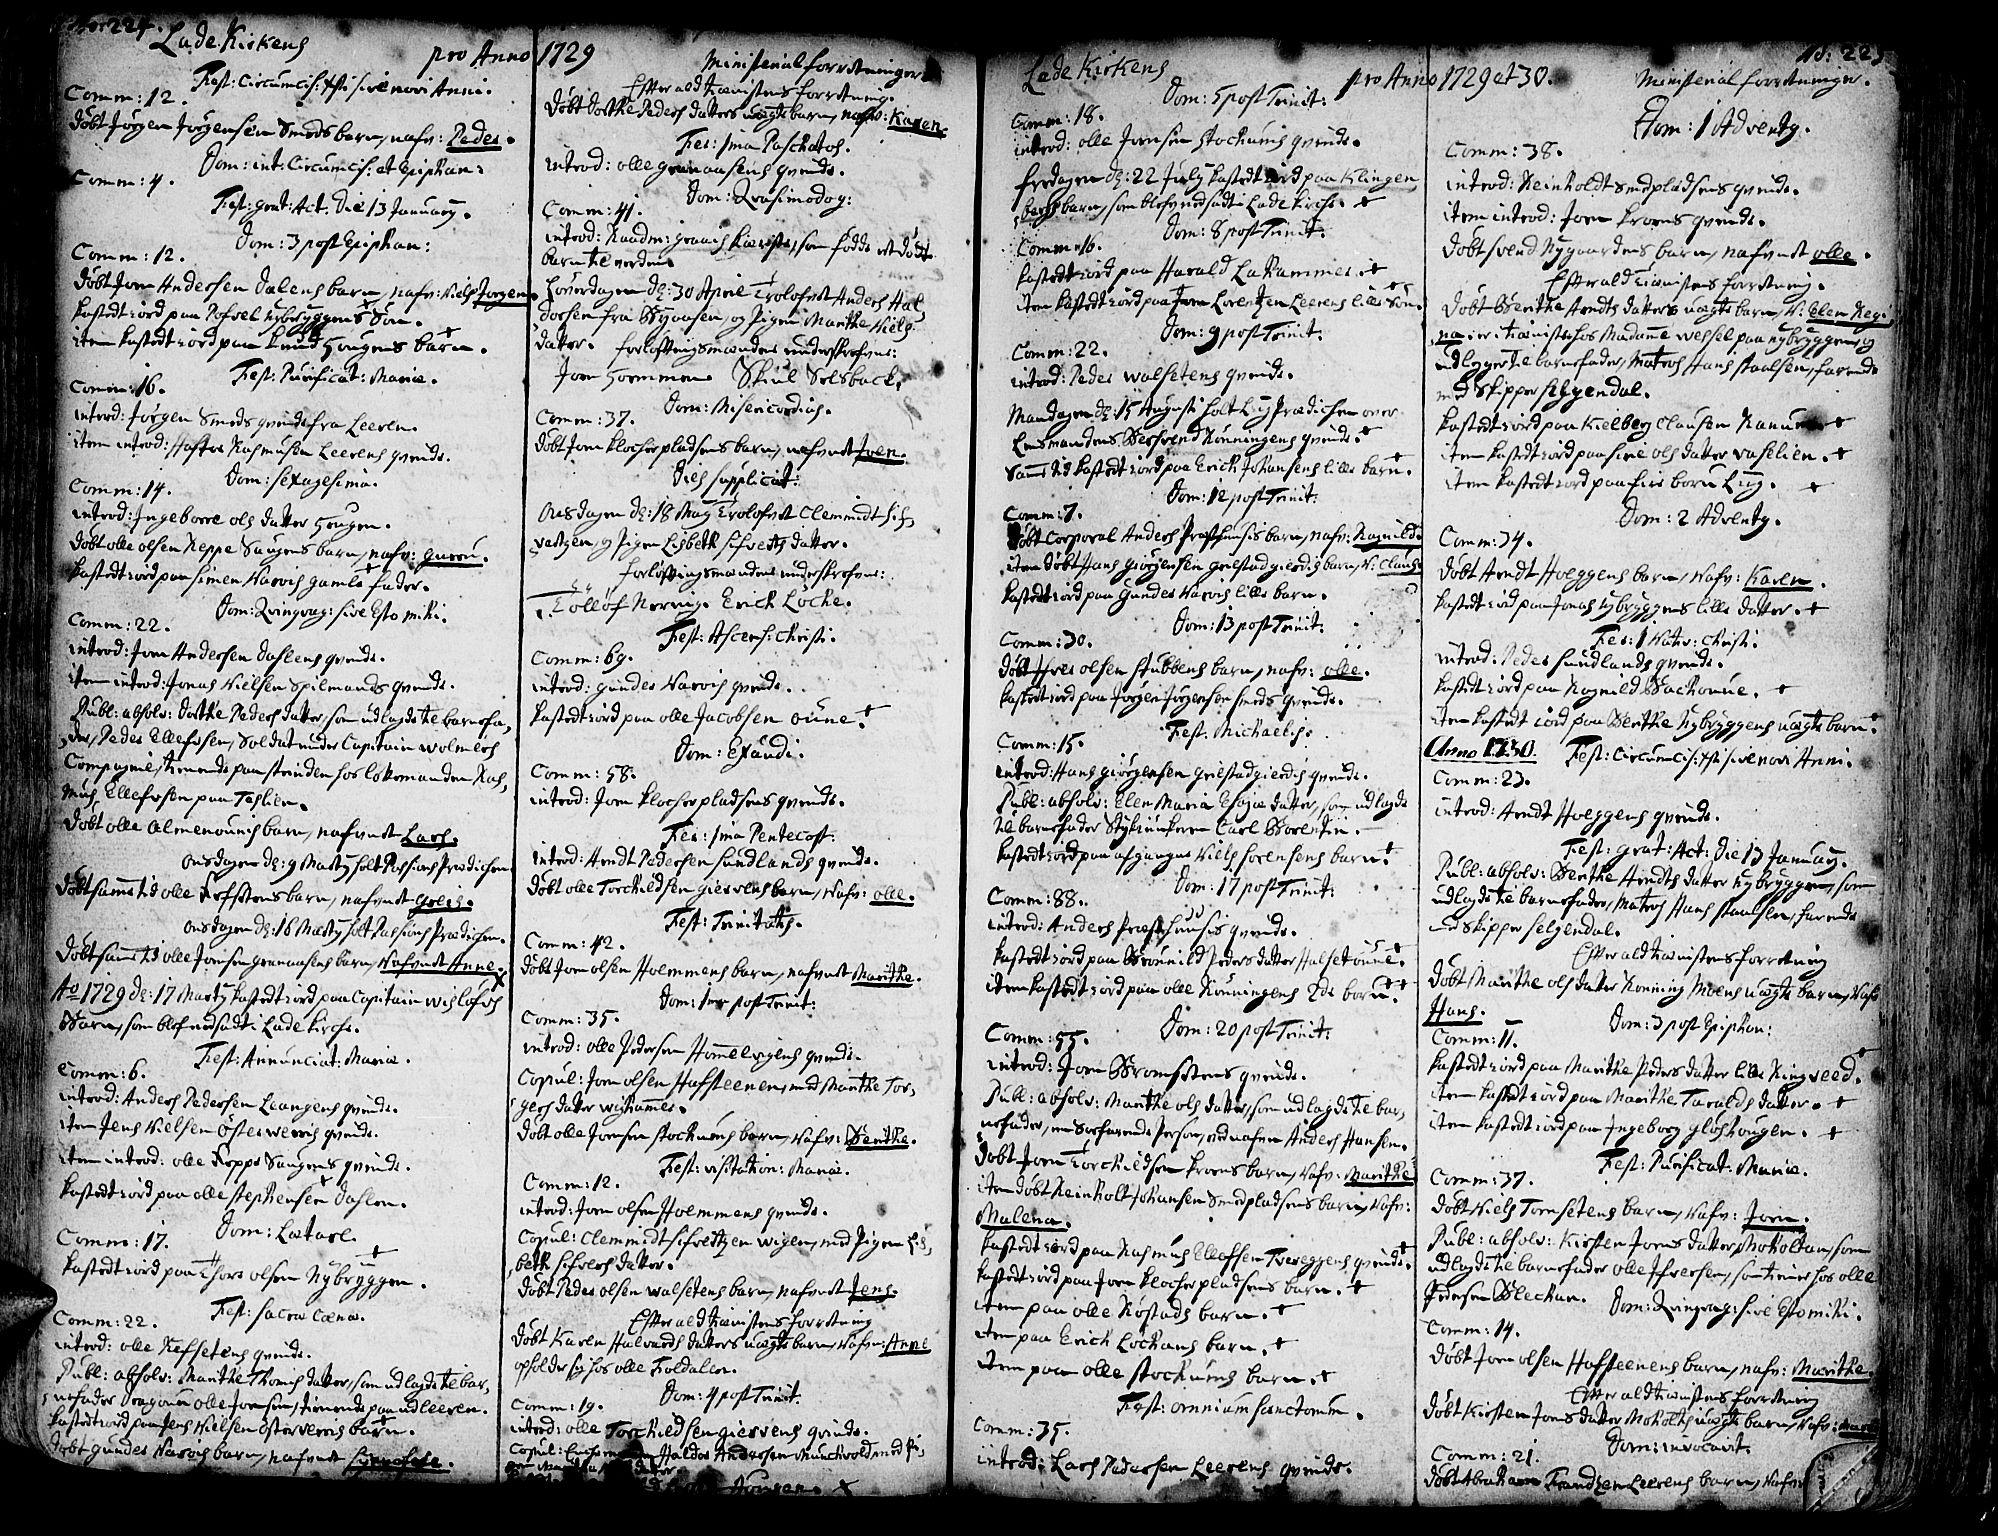 SAT, Ministerialprotokoller, klokkerbøker og fødselsregistre - Sør-Trøndelag, 606/L0275: Ministerialbok nr. 606A01 /1, 1727-1780, s. 224-225